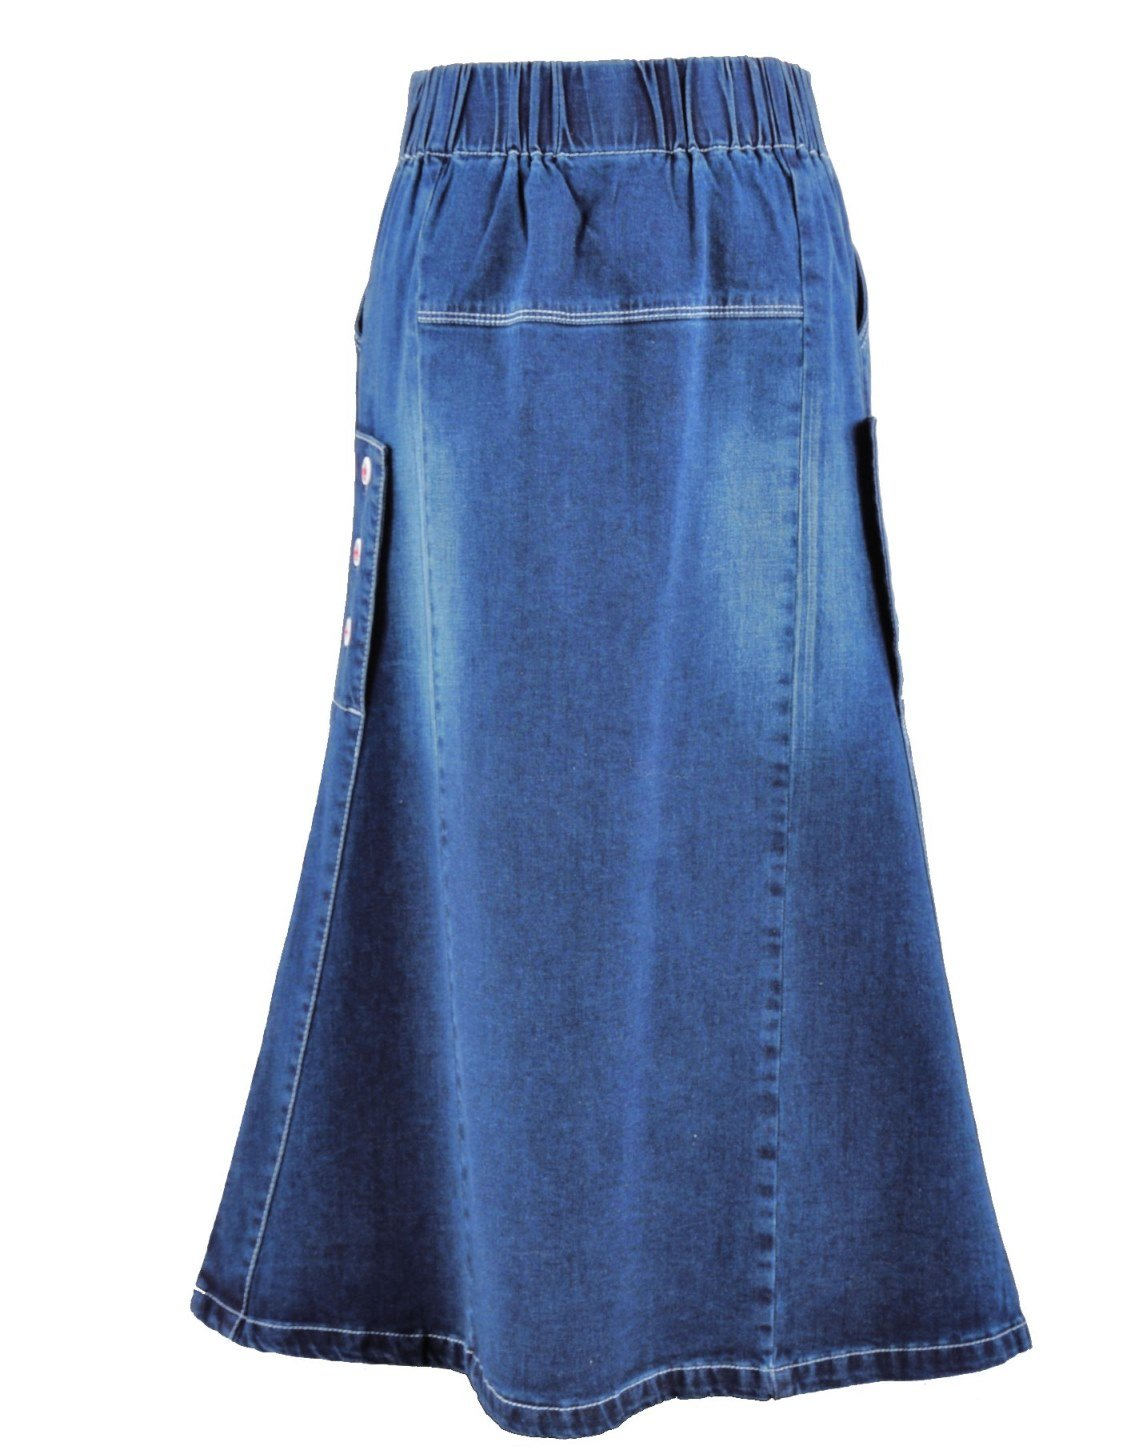 Джинсовая юбка своими руками для женщин